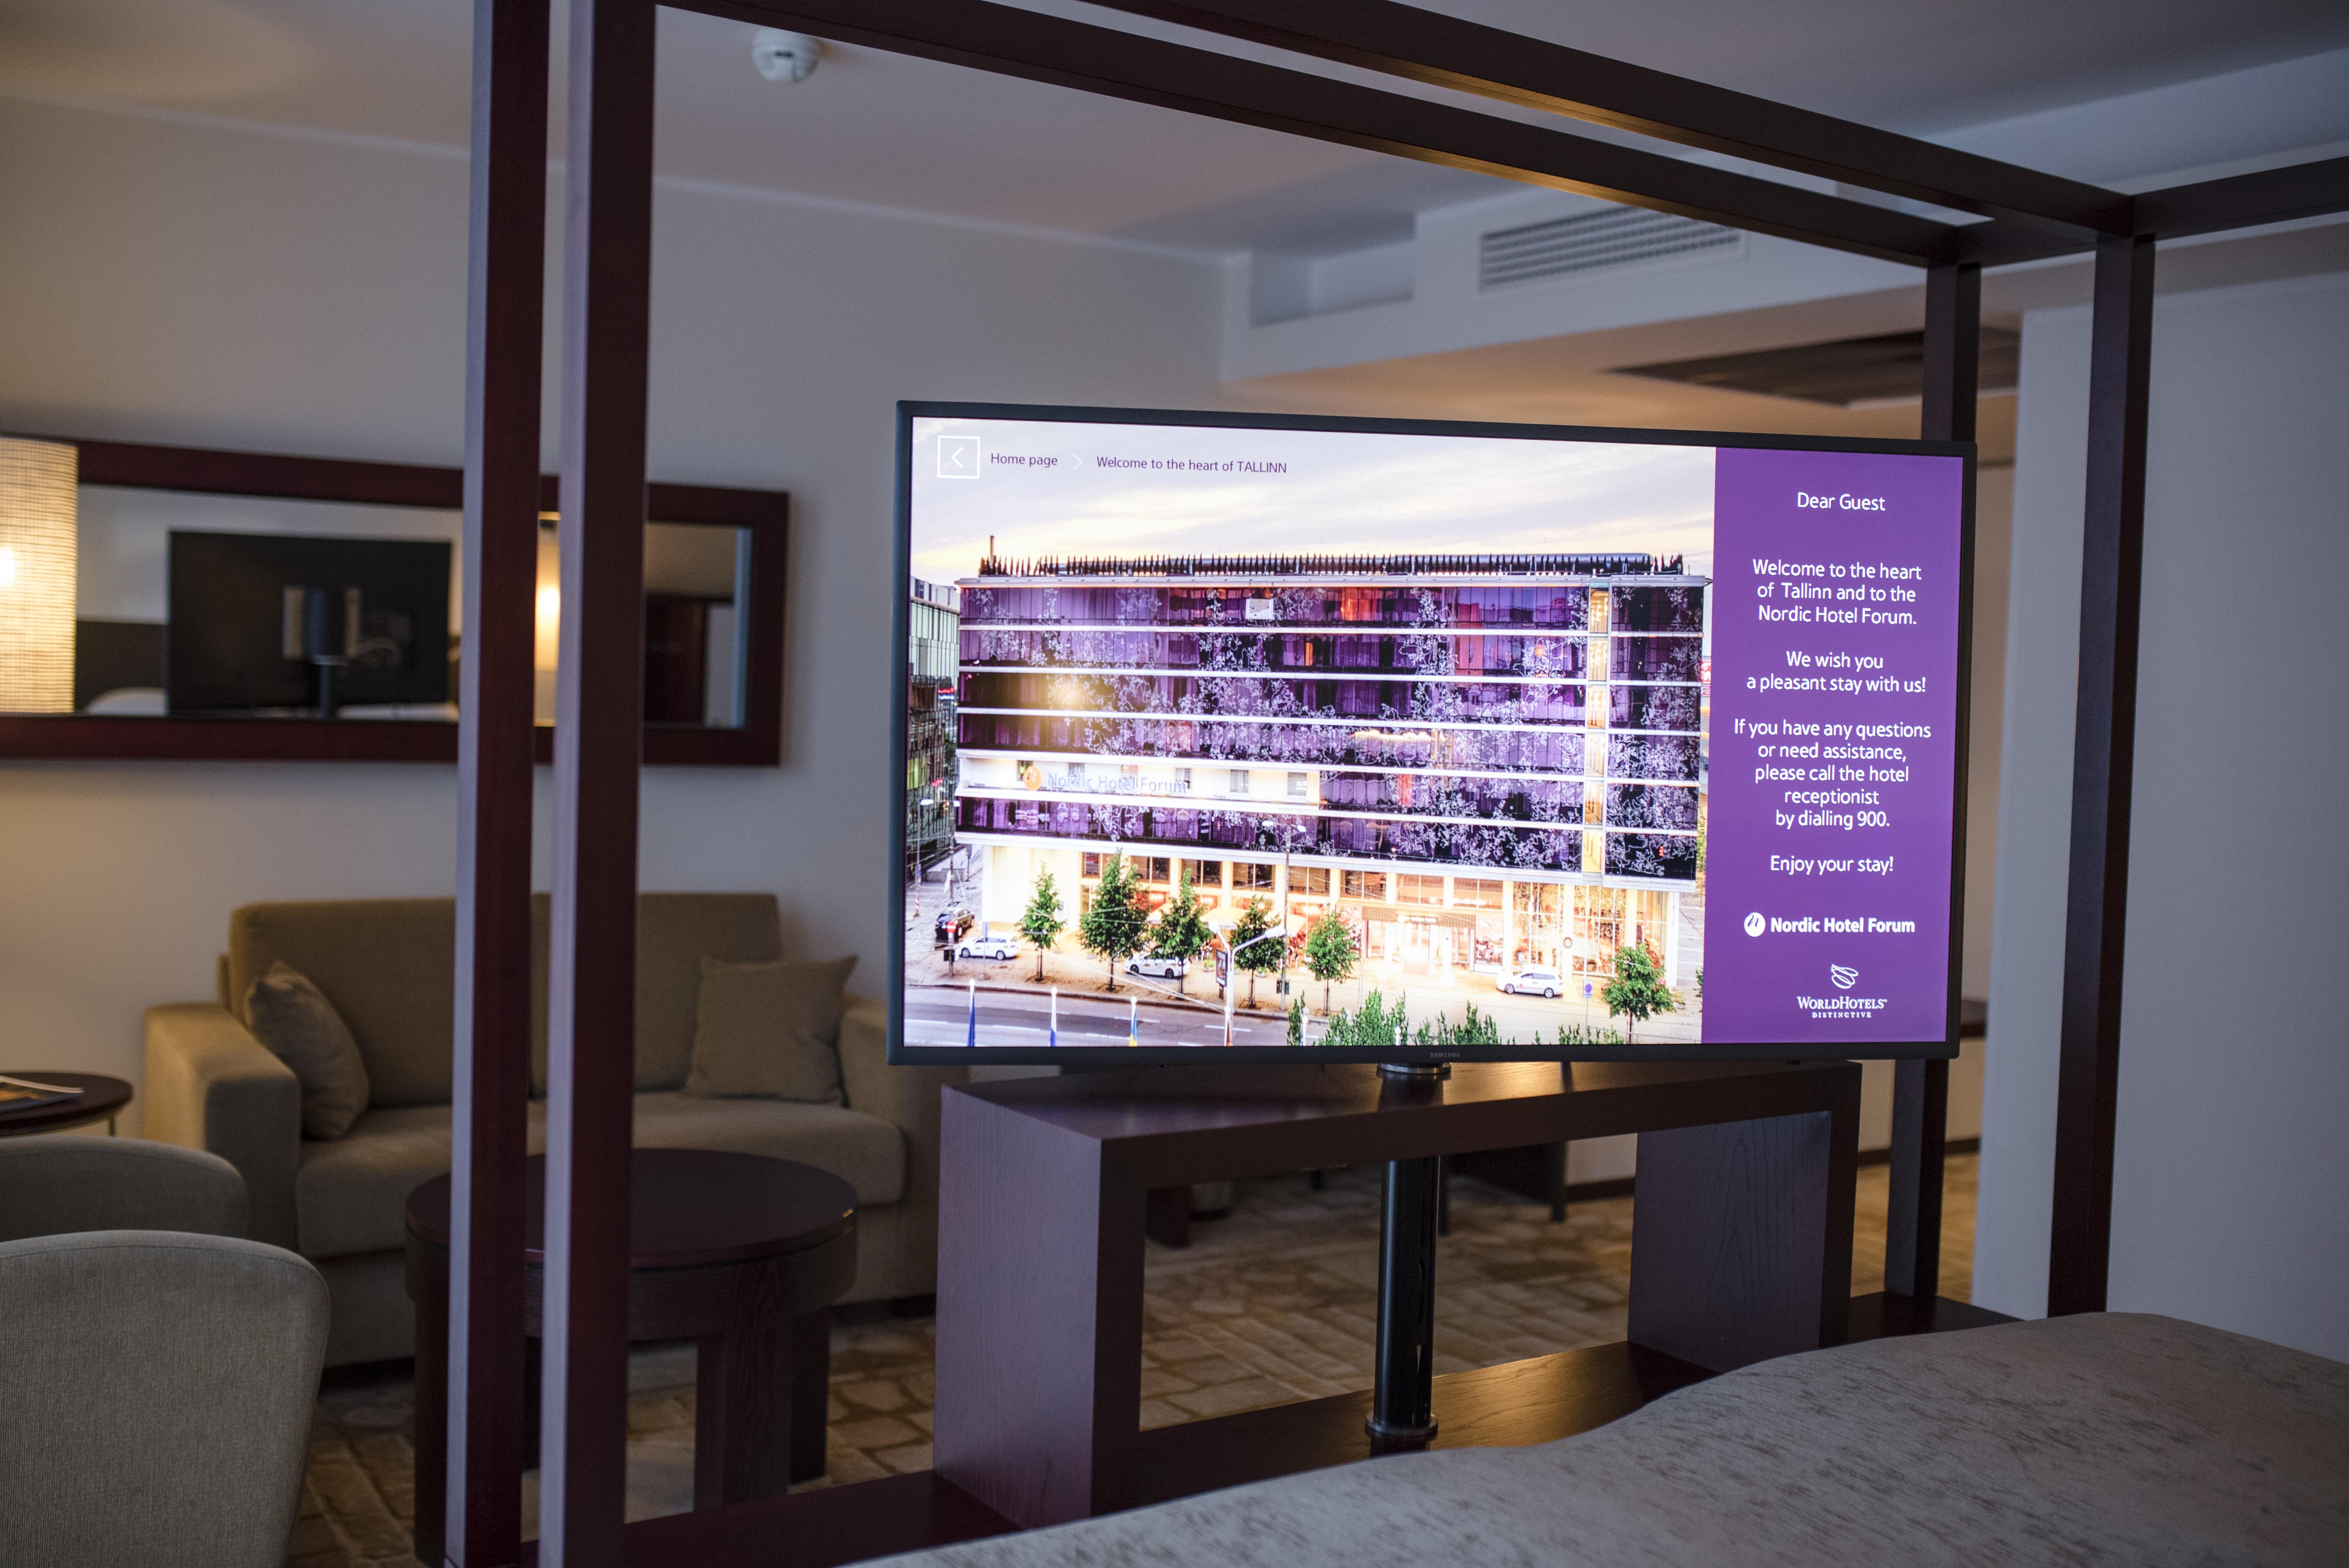 eb3298a2d64 Hiljuti uuendsukuuri läbinud hotell on meie abiga välja vahetanud ka oma  telerid. Mõnedes sealsetes sviitides on võimalik telereid keerata 360°, ...